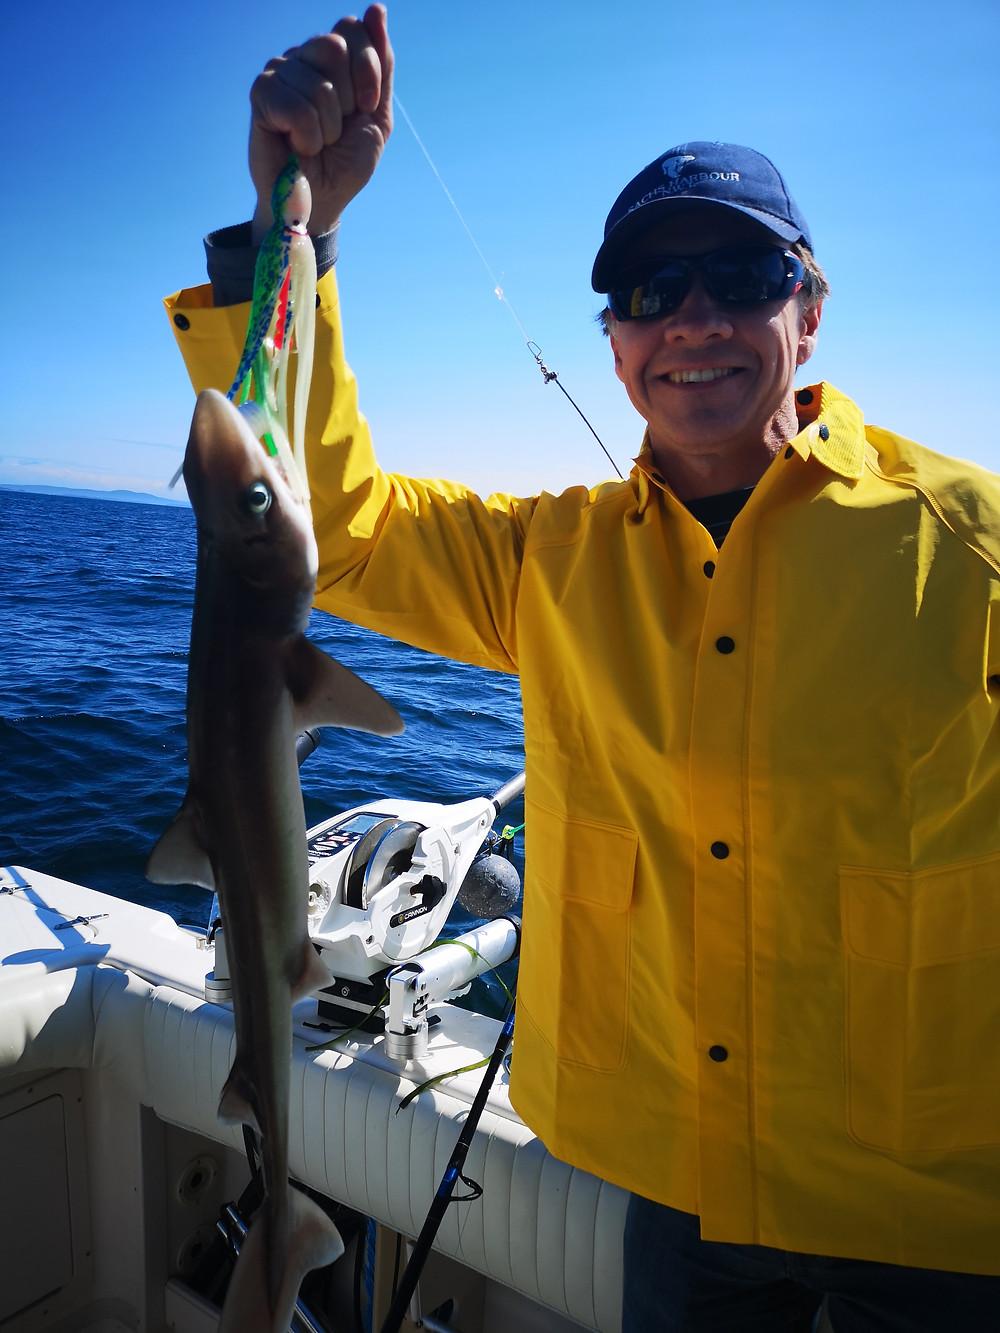 David caught a dogfish